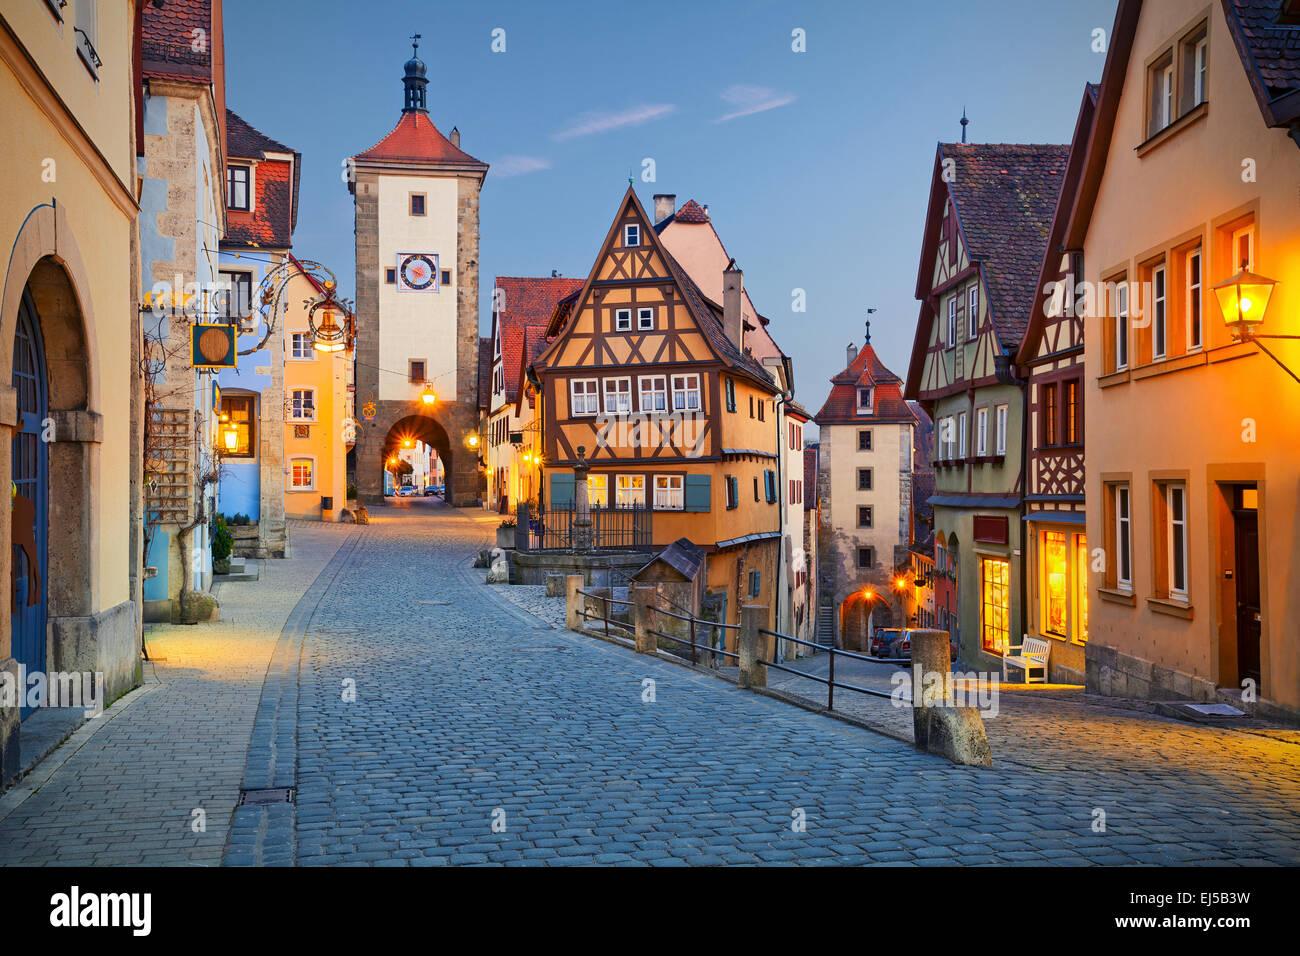 Rothenburg Ob der Tauber. Bild von Rothenburg Ob der Tauber eine Stadt in Bayern, Deutschland. Stockbild